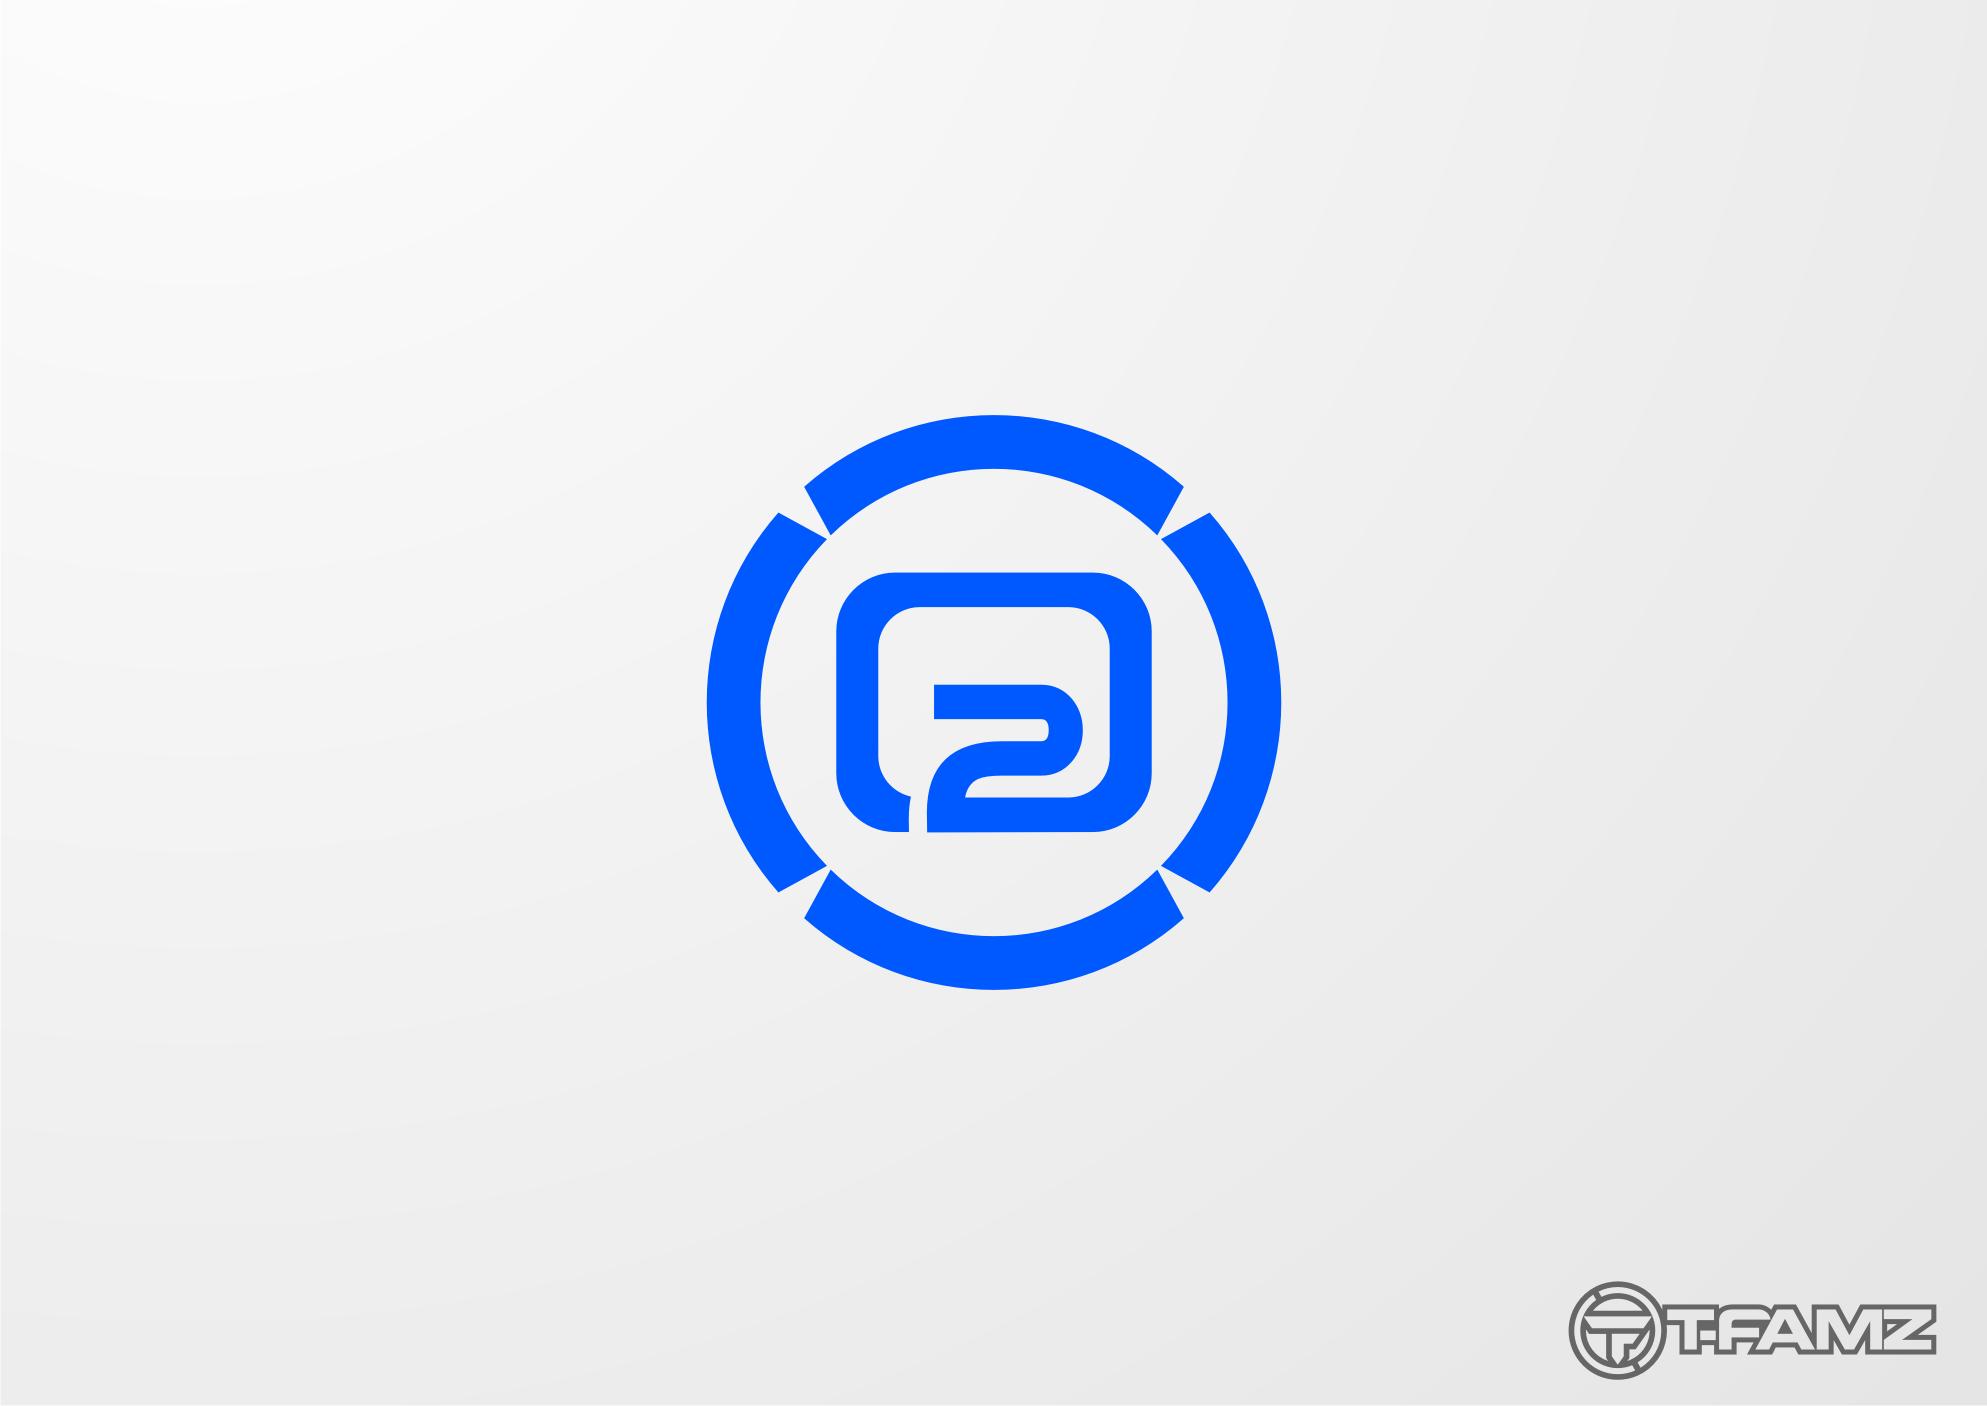 Logo Design by Tille Famz - Entry No. 9 in the Logo Design Contest Artistic Logo Design for O2.